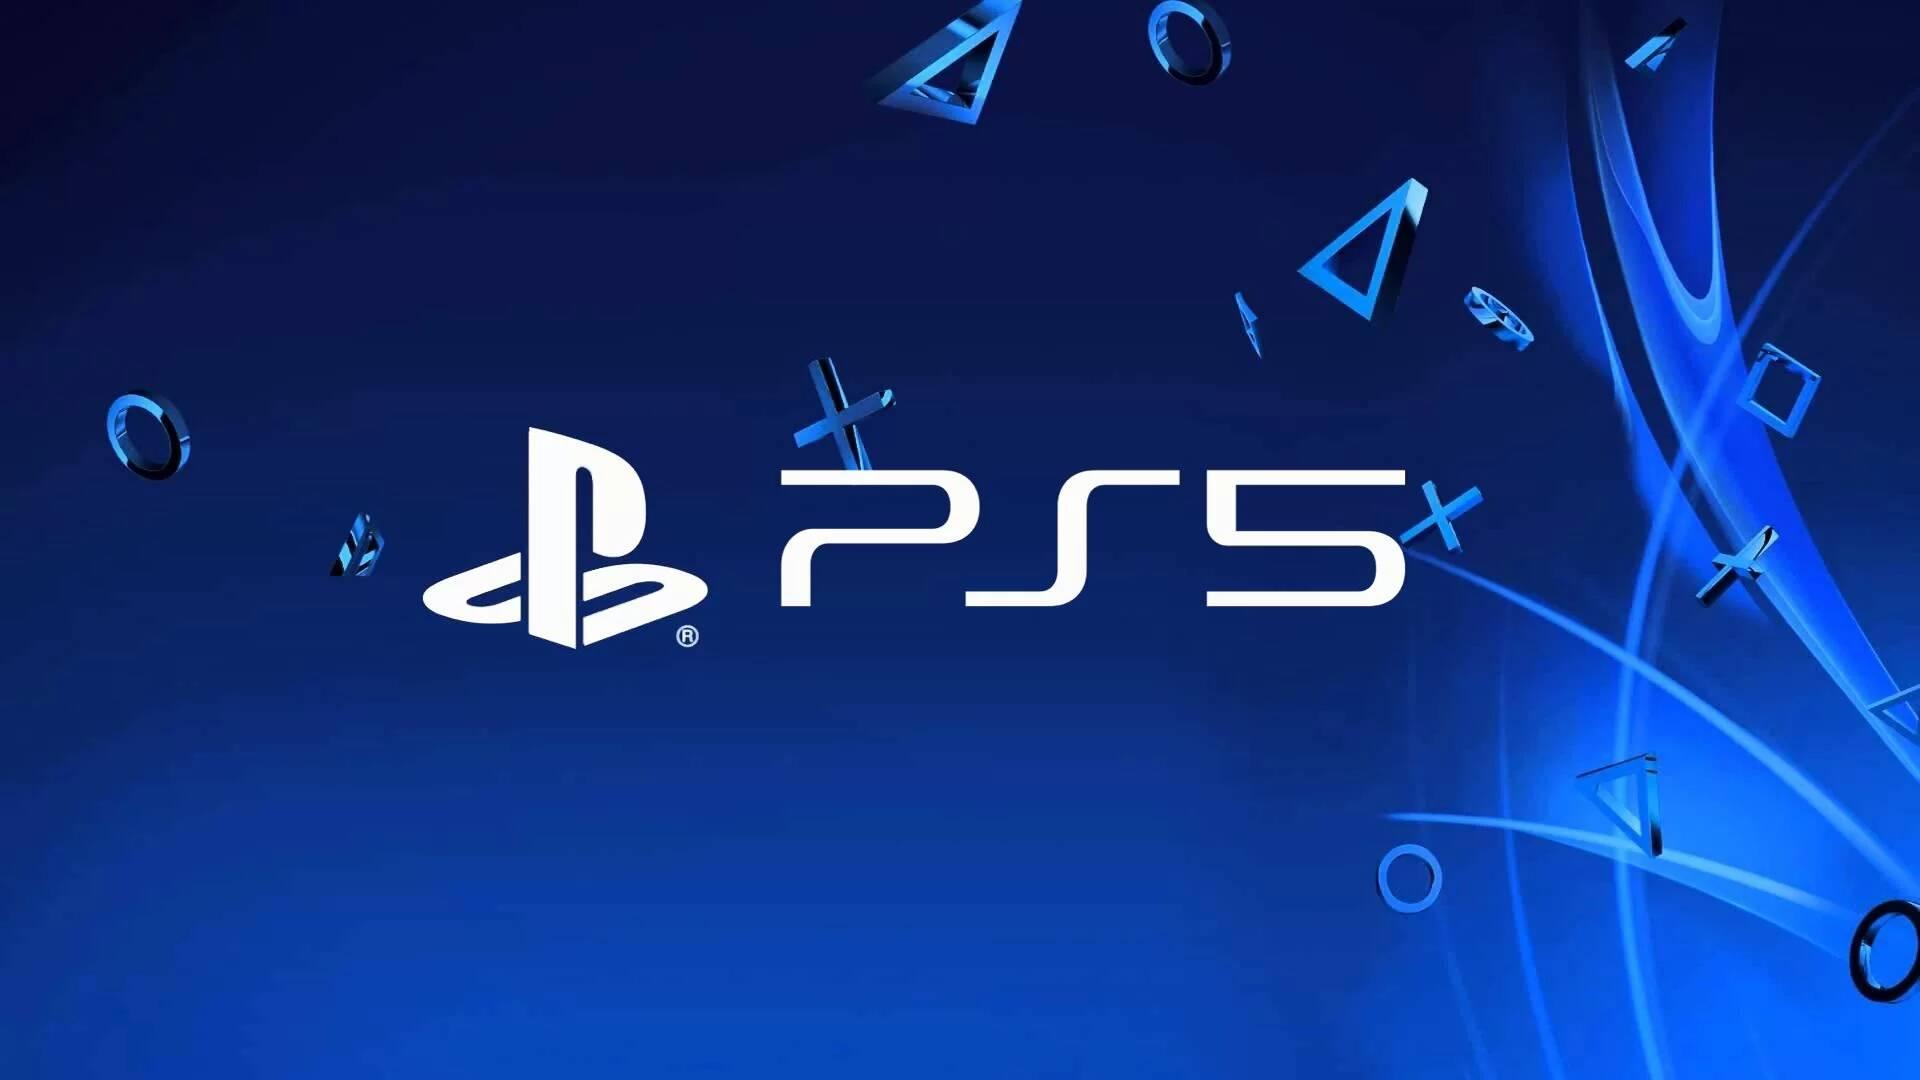 PS5 generica